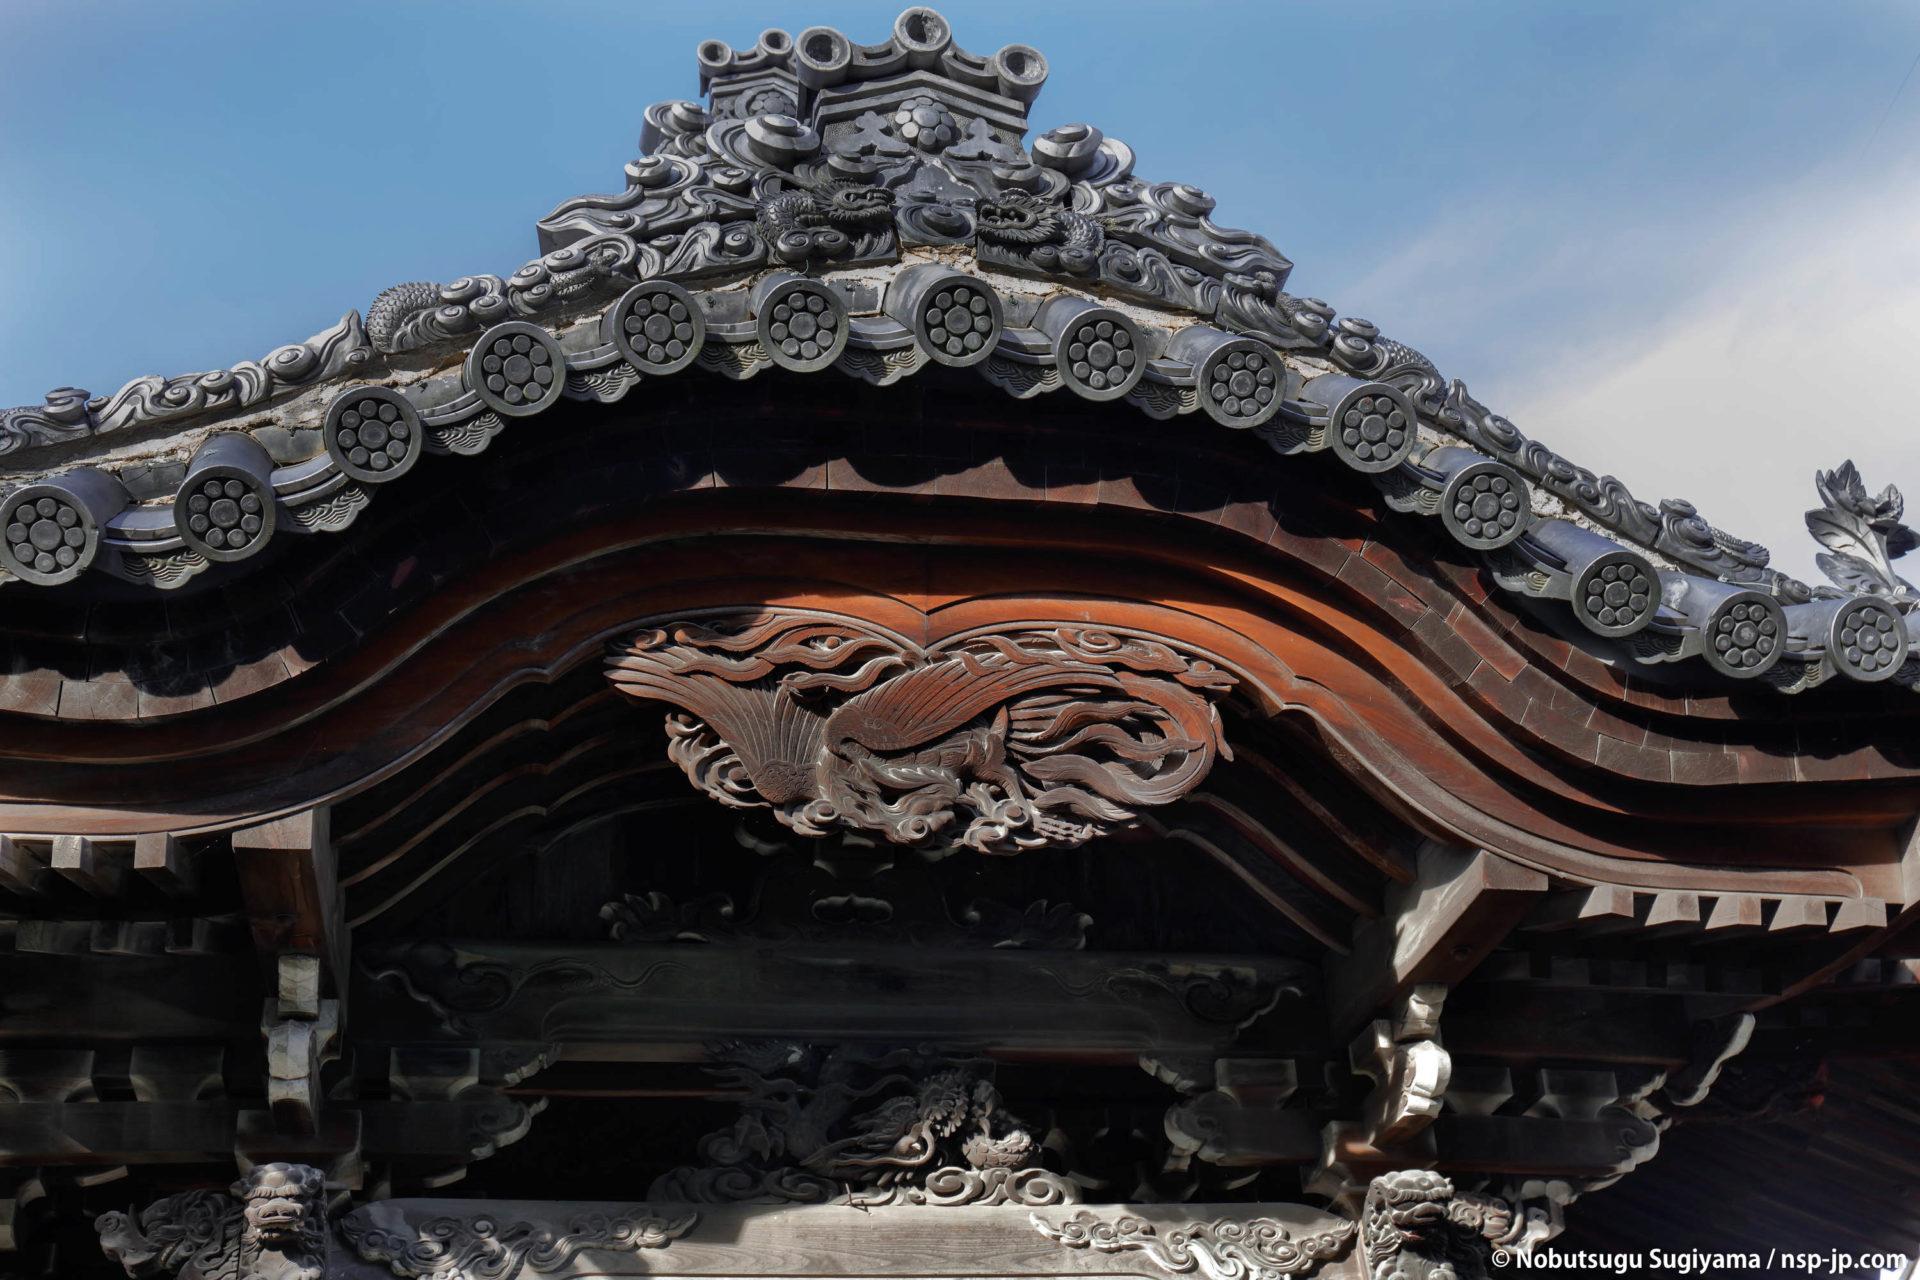 常在寺 - 妙見堂ごはいの鳳凰彫刻 | 岐阜 故郷巡礼 by 杉山宣嗣